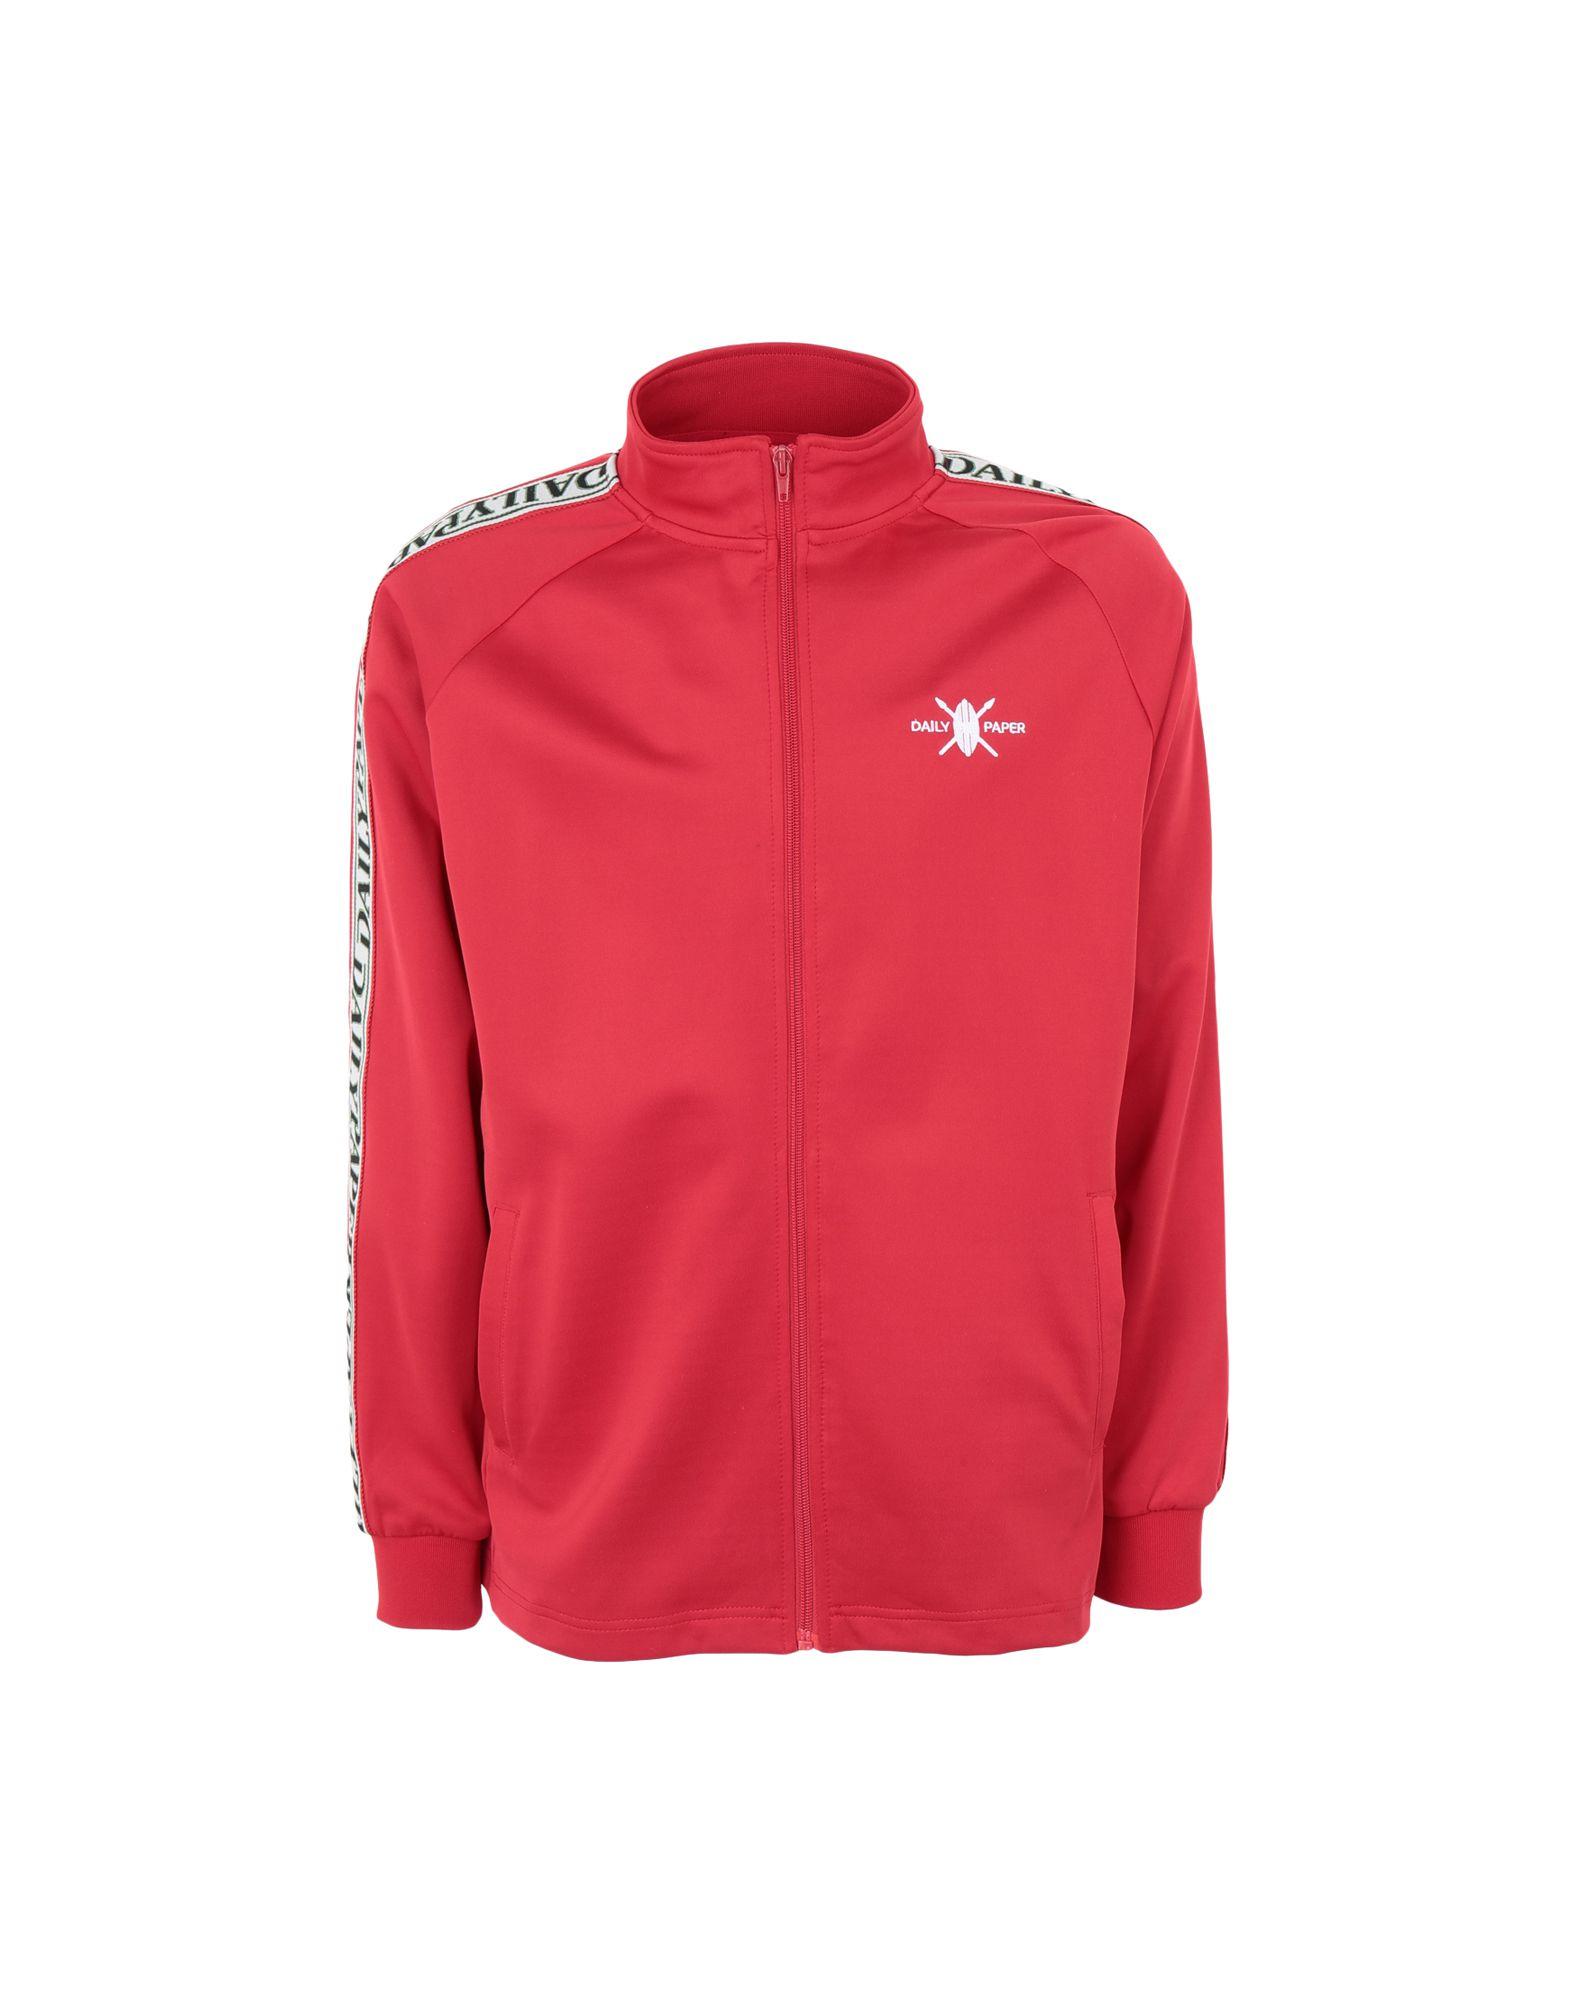 《期間限定セール中》DAILY PAPER メンズ スウェットシャツ レッド S ポリエステル 95% / ポリウレタン 5% TAPEVEST